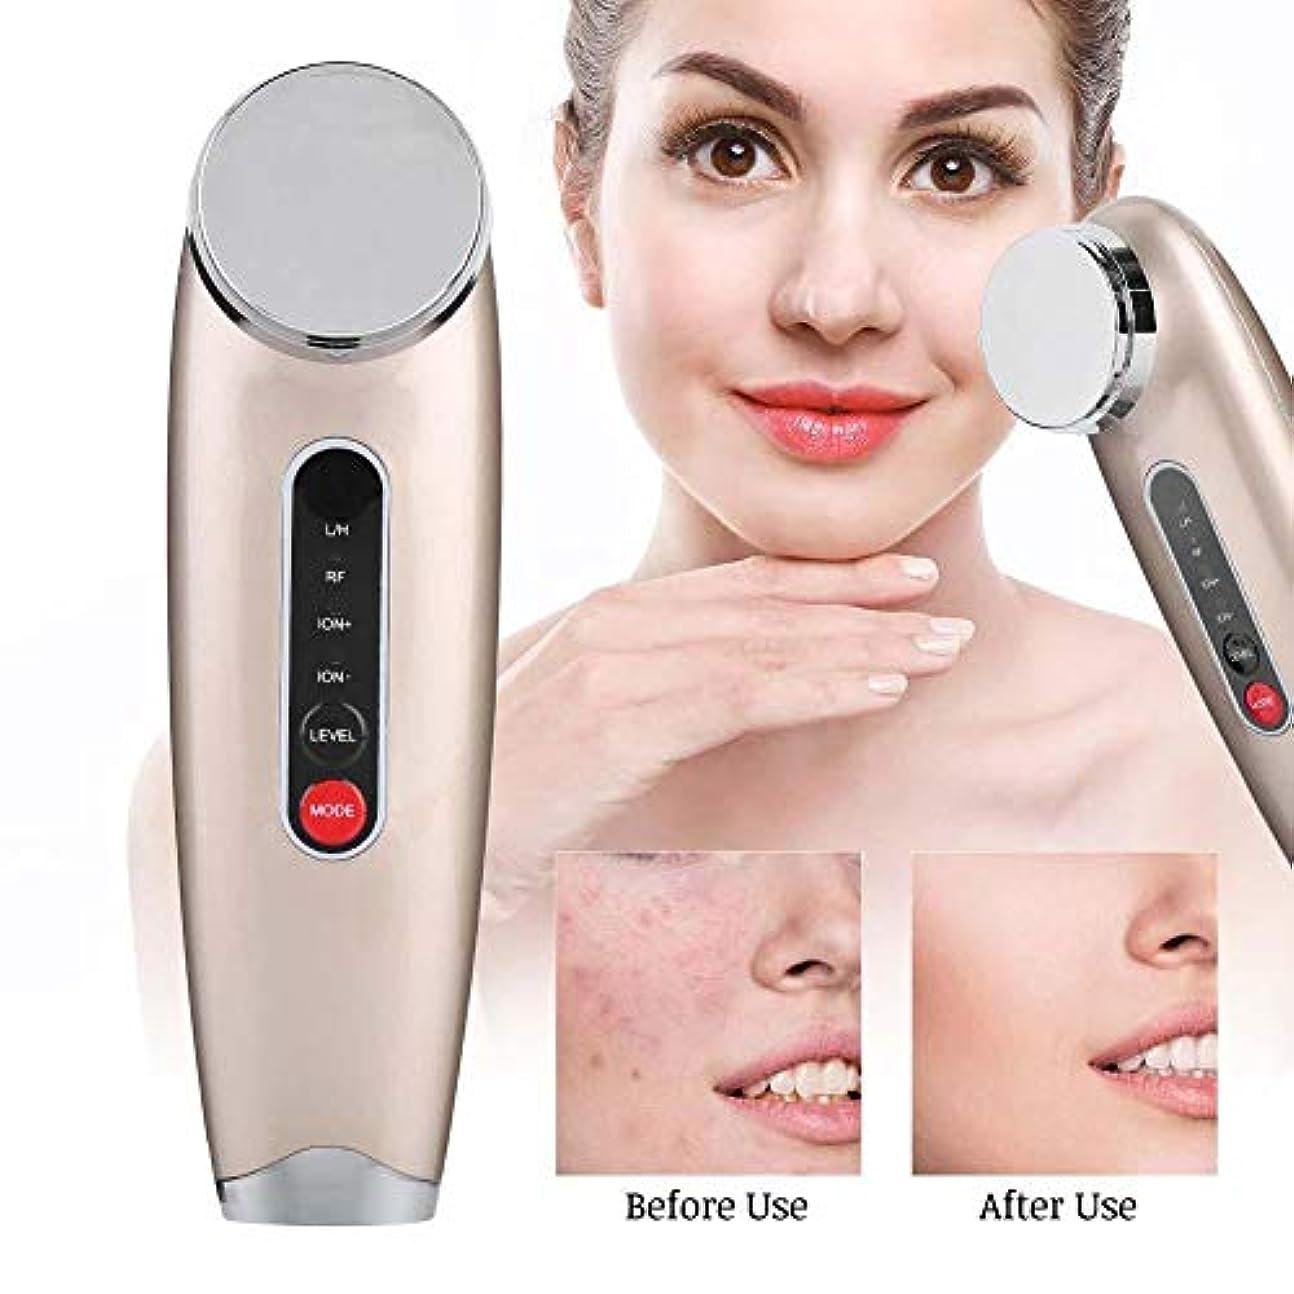 すすり泣き拮抗加速度フェイシャルビューティーマシーン - しわ、スキンケア用品、洗顔料、フェイシャルリフトを引き締め、肌を若返らせるために毛穴を縮めます